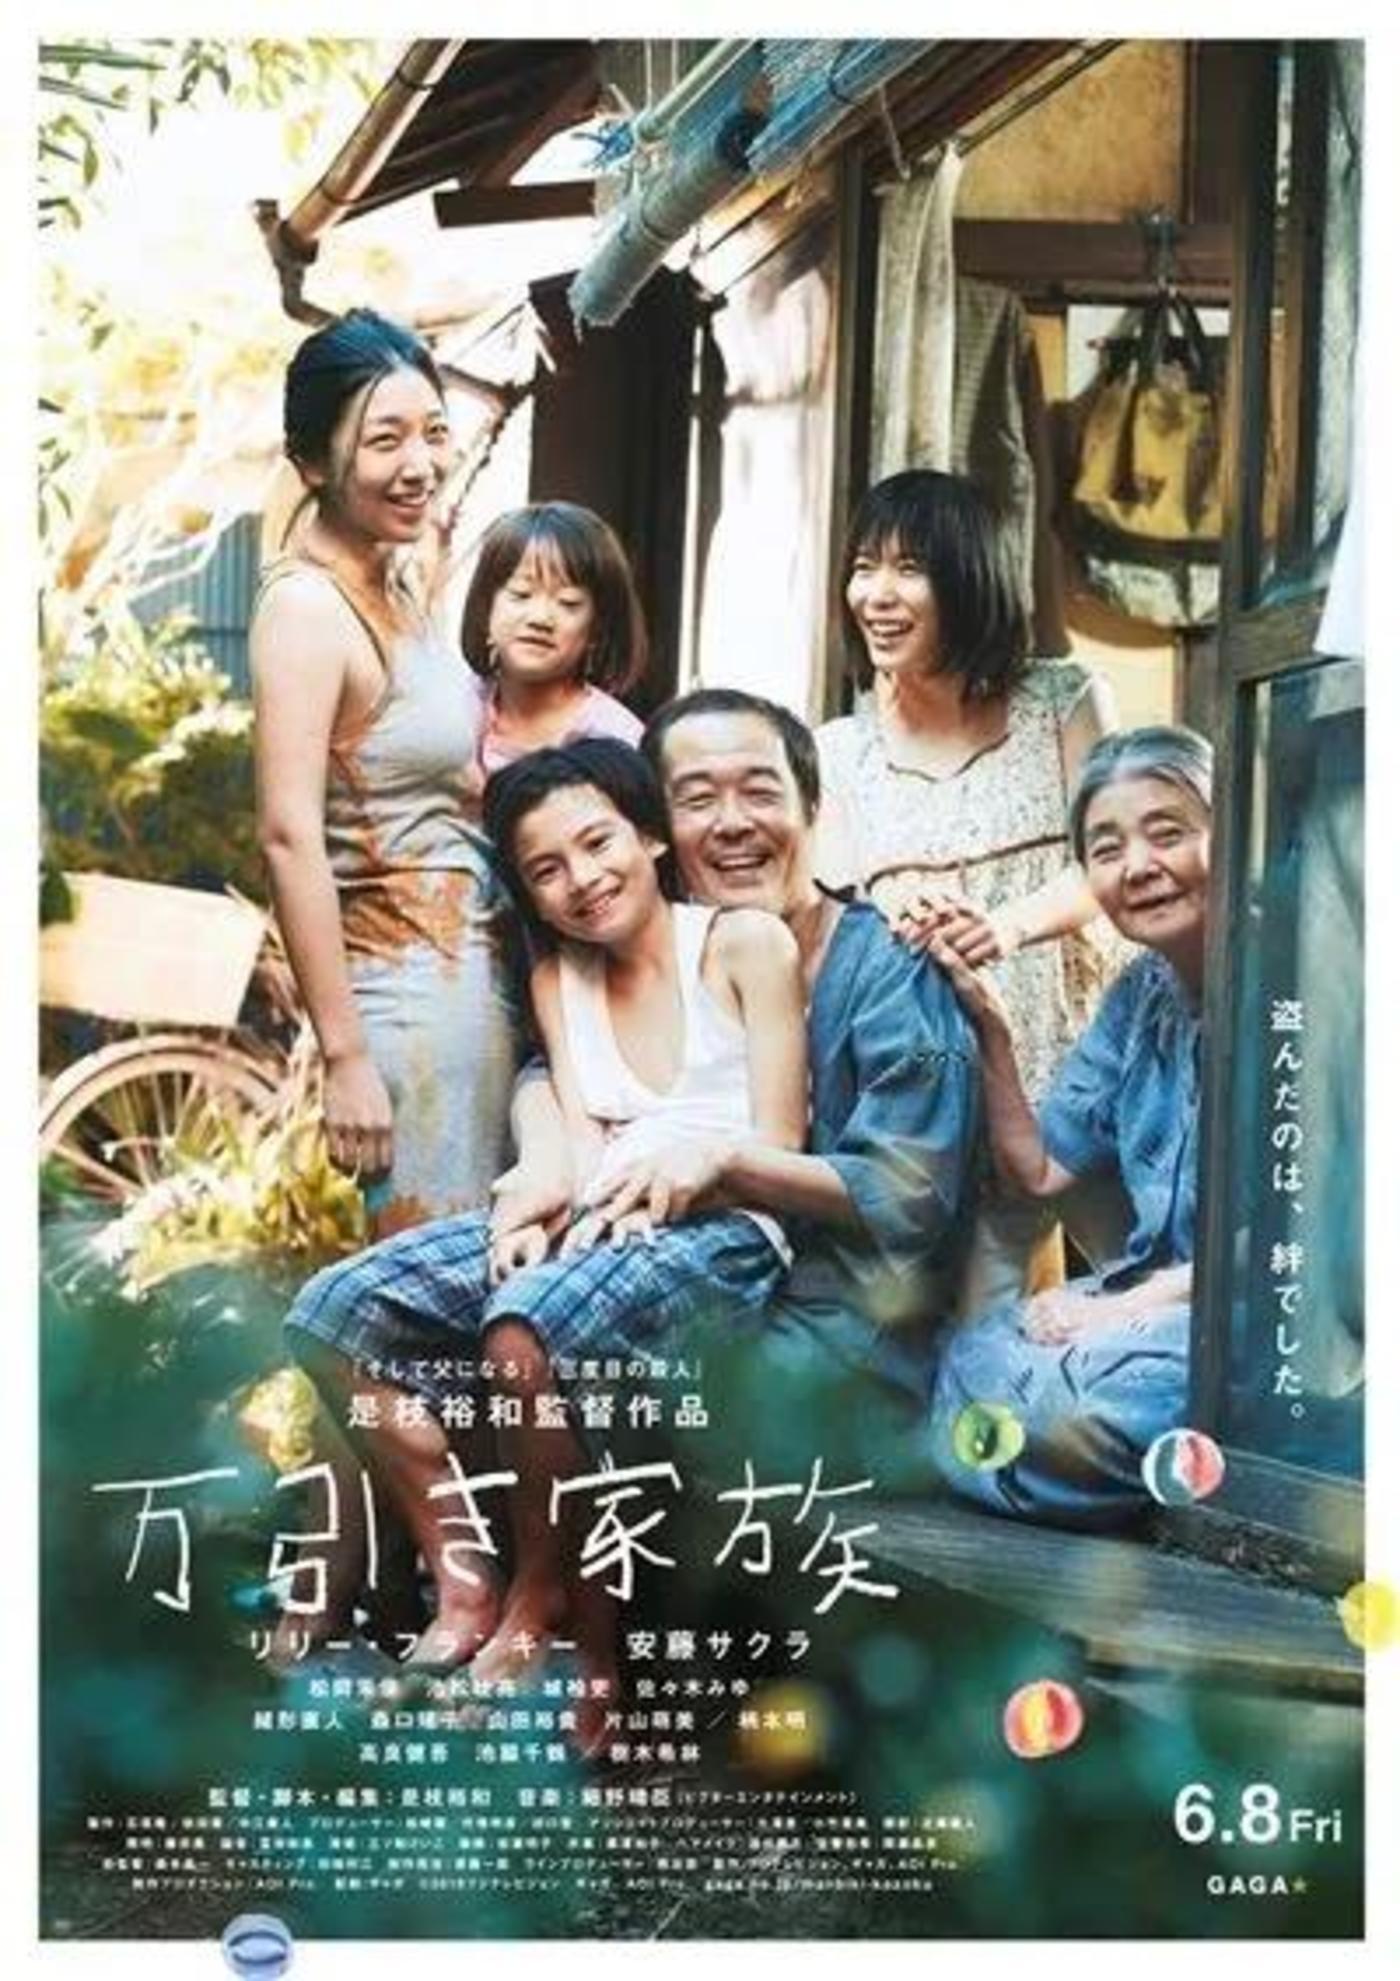 日本版海报